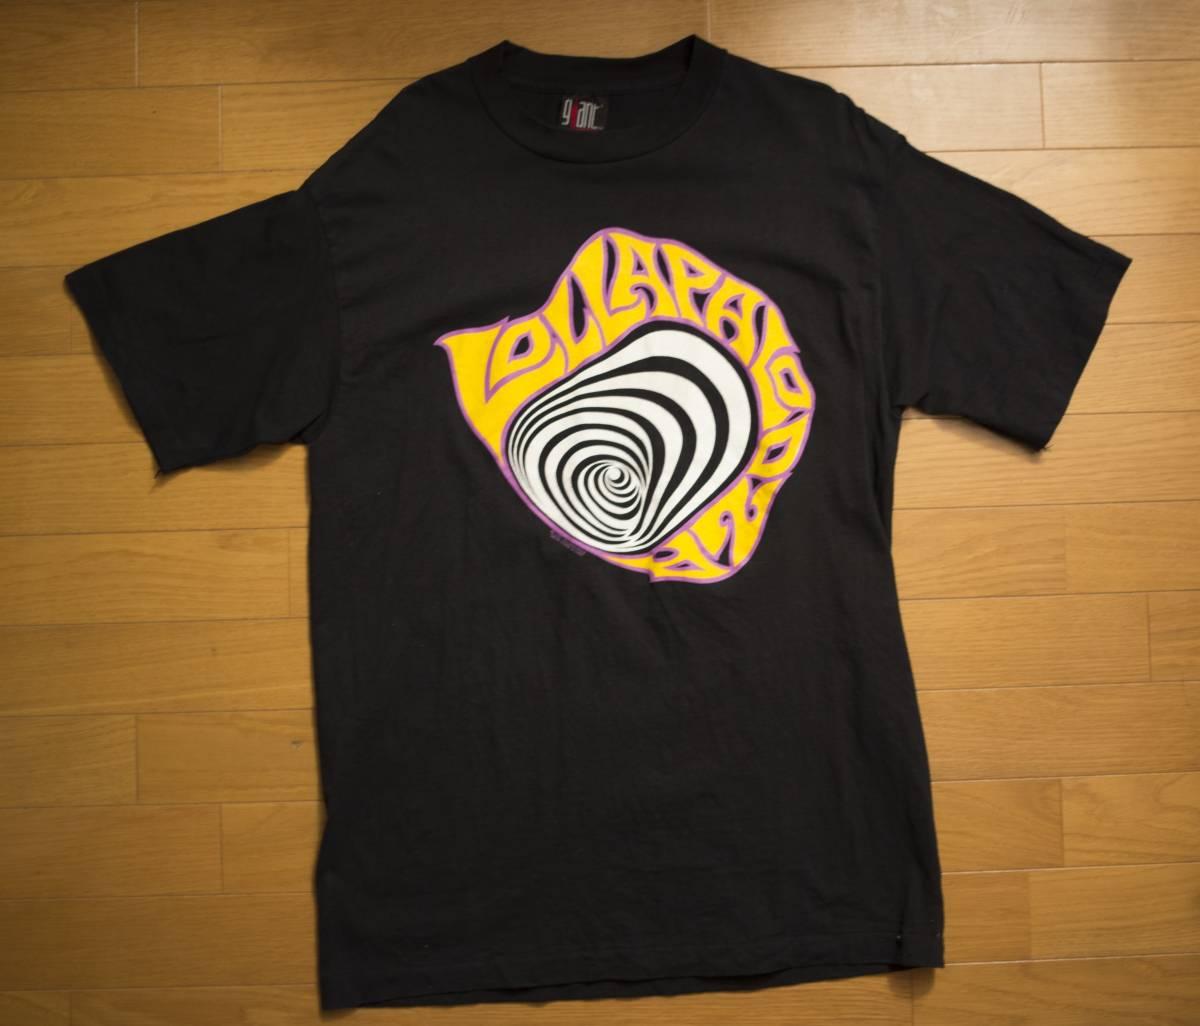 LOLAPALOOZA ロラパルーザ 1992年 Tシャツ Lサイズ